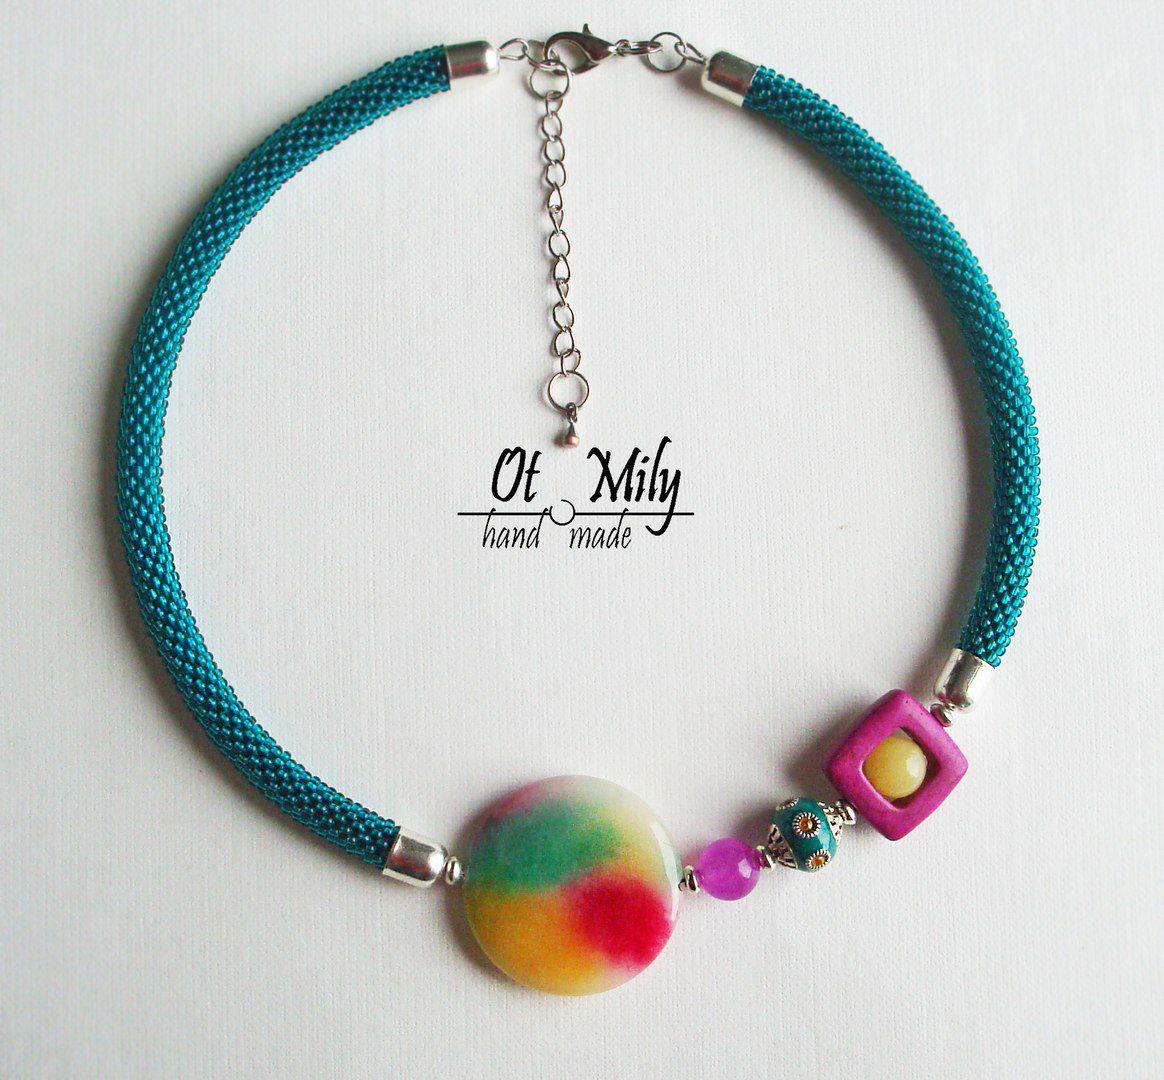 ожерелье авторская вязаные женщине бусы чокер шею колье дизайн камни девушке ошейник подарок натуральные